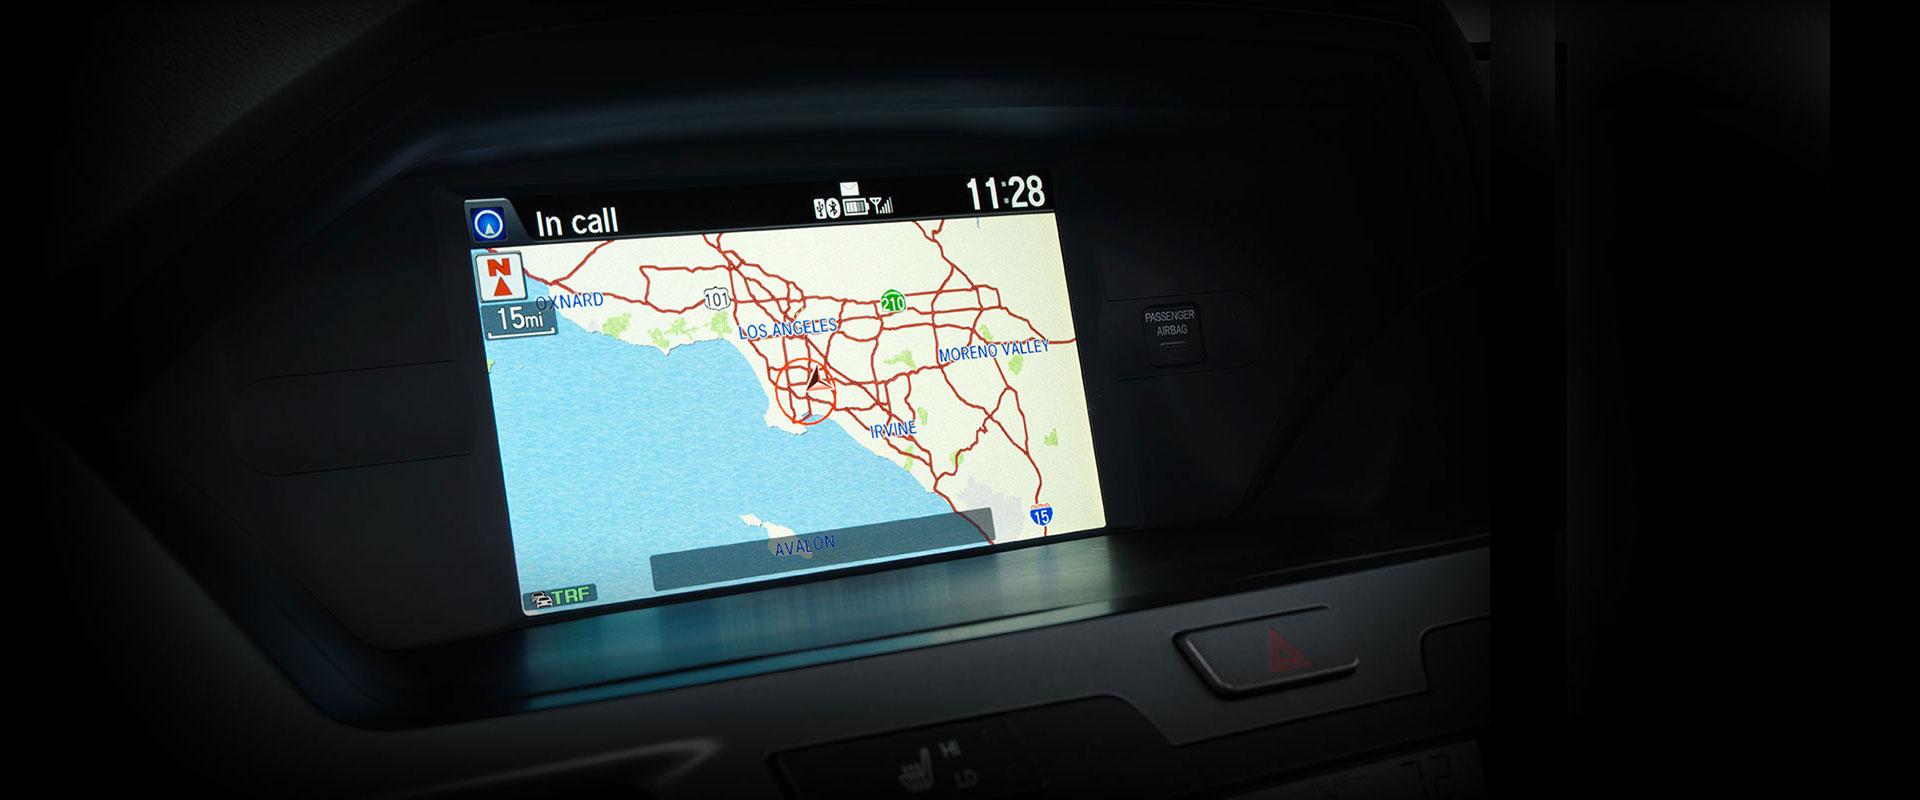 2017 Honda Odyssey Honda Satellite-Linked Navigation System